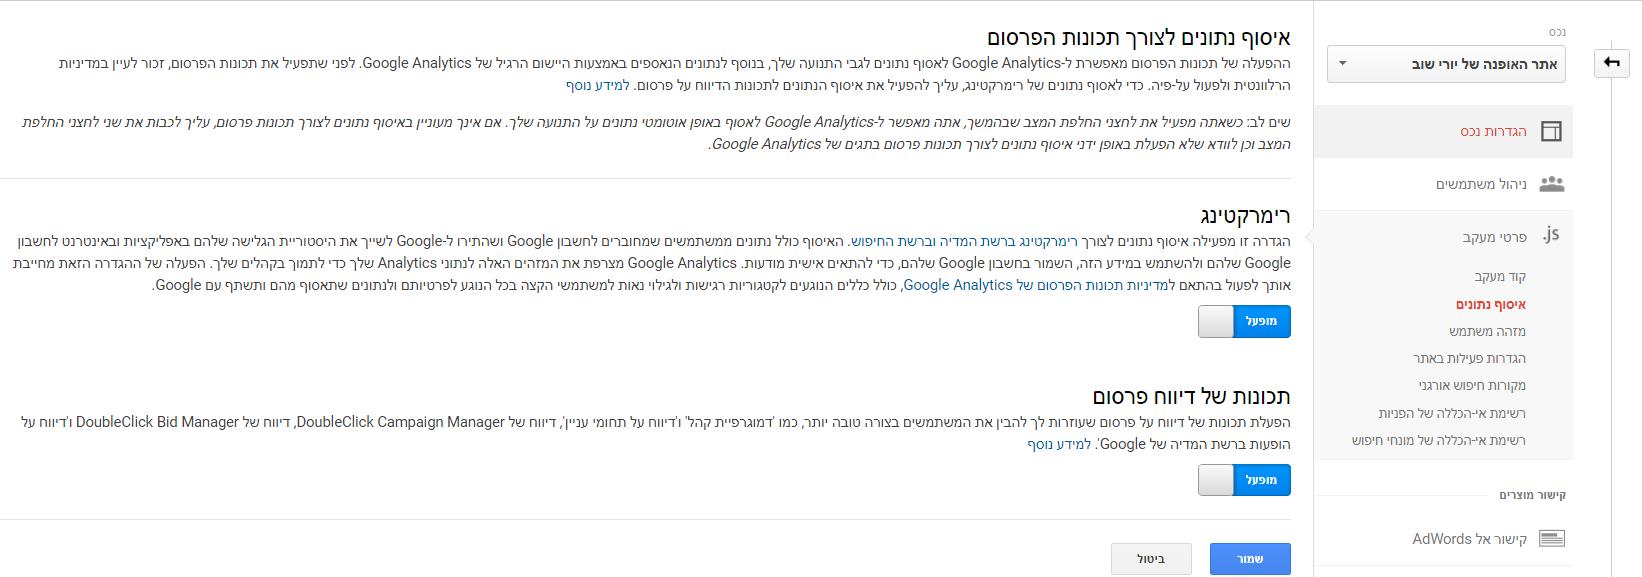 הגדרת איסוף נתונים גוגל אנליטיקס - יוריס דיגיטל